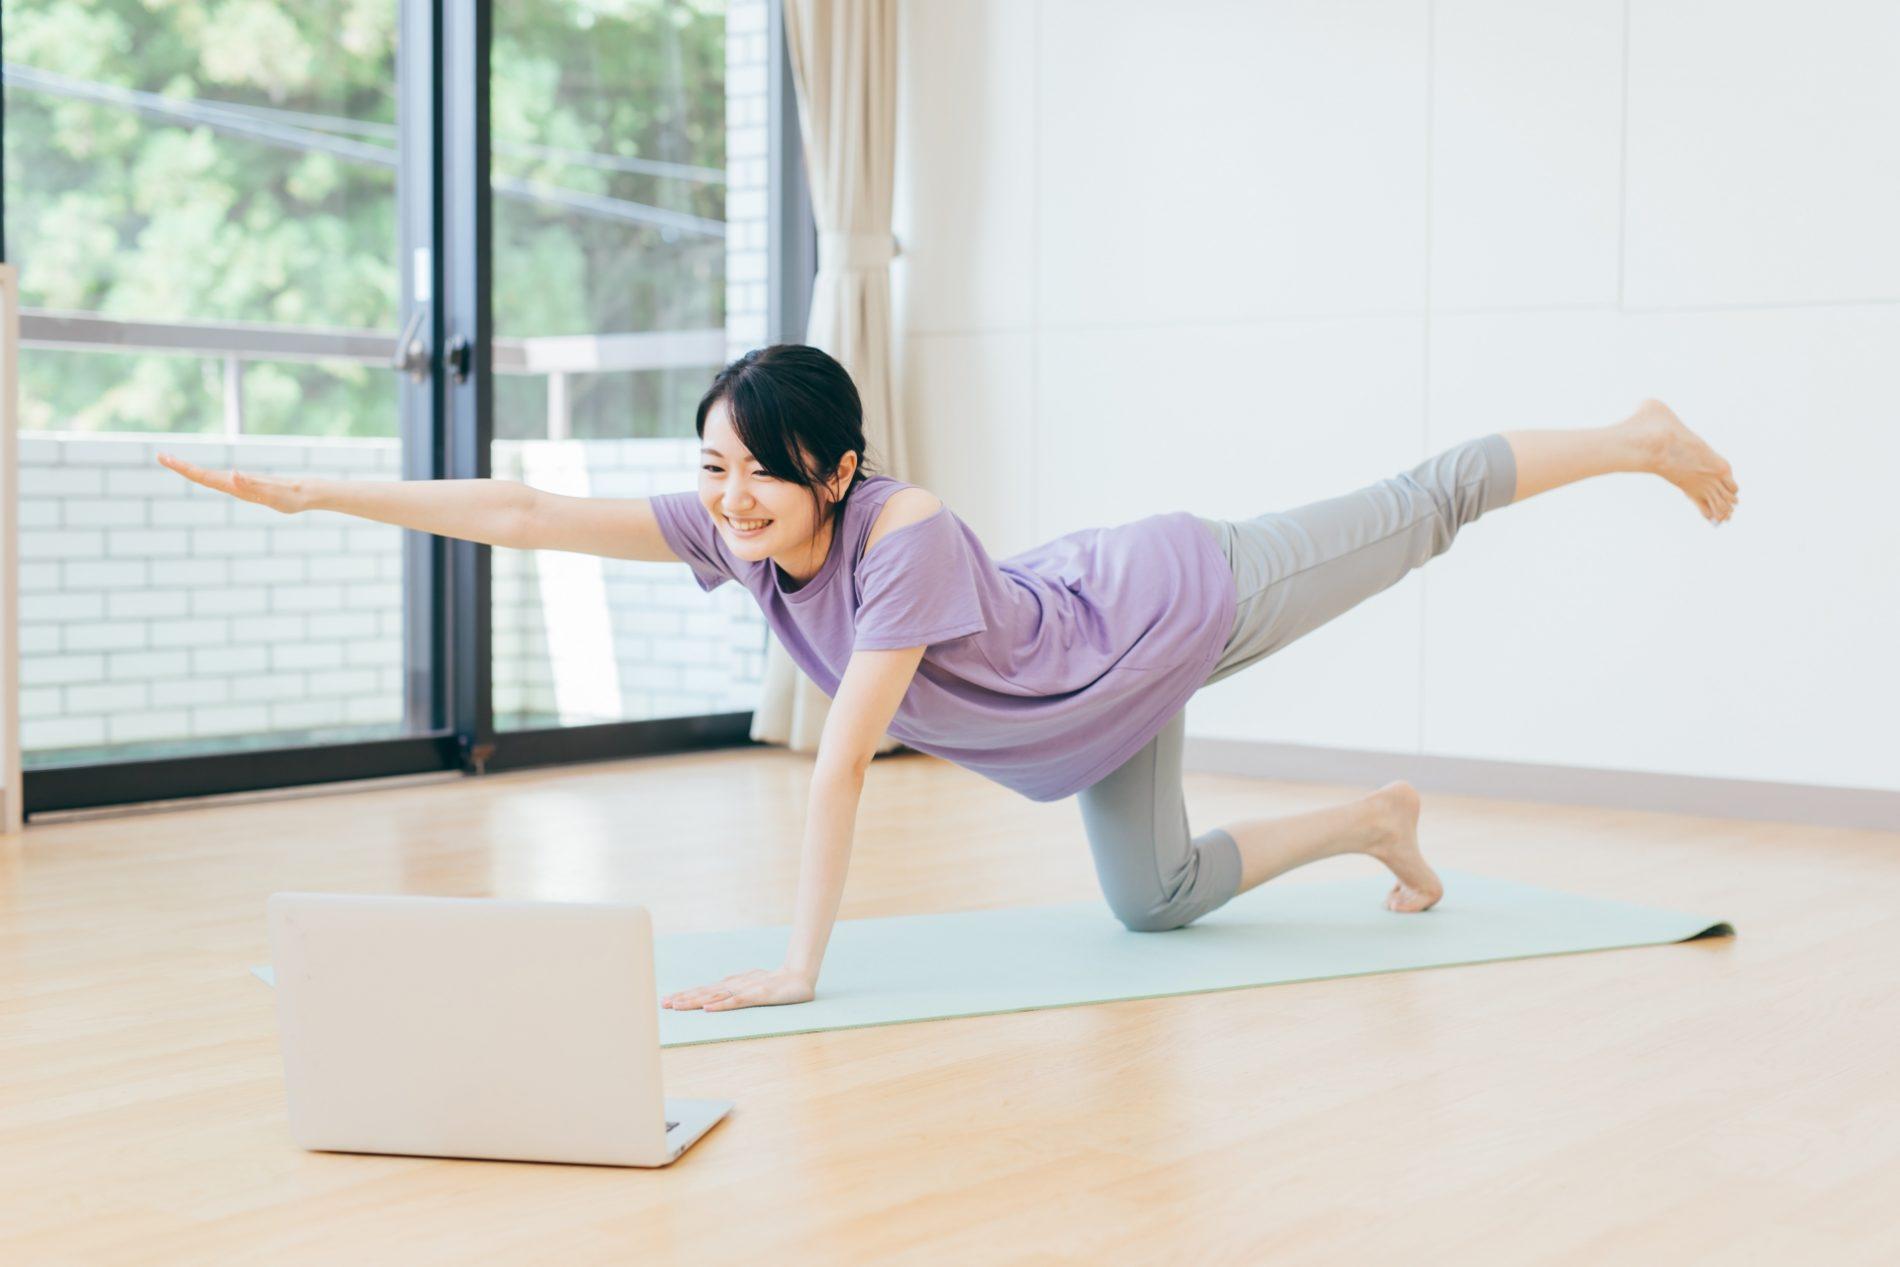 モムチャン式バストを美しくする3つ方法「姿勢」「ストレッチ」「筋トレ」